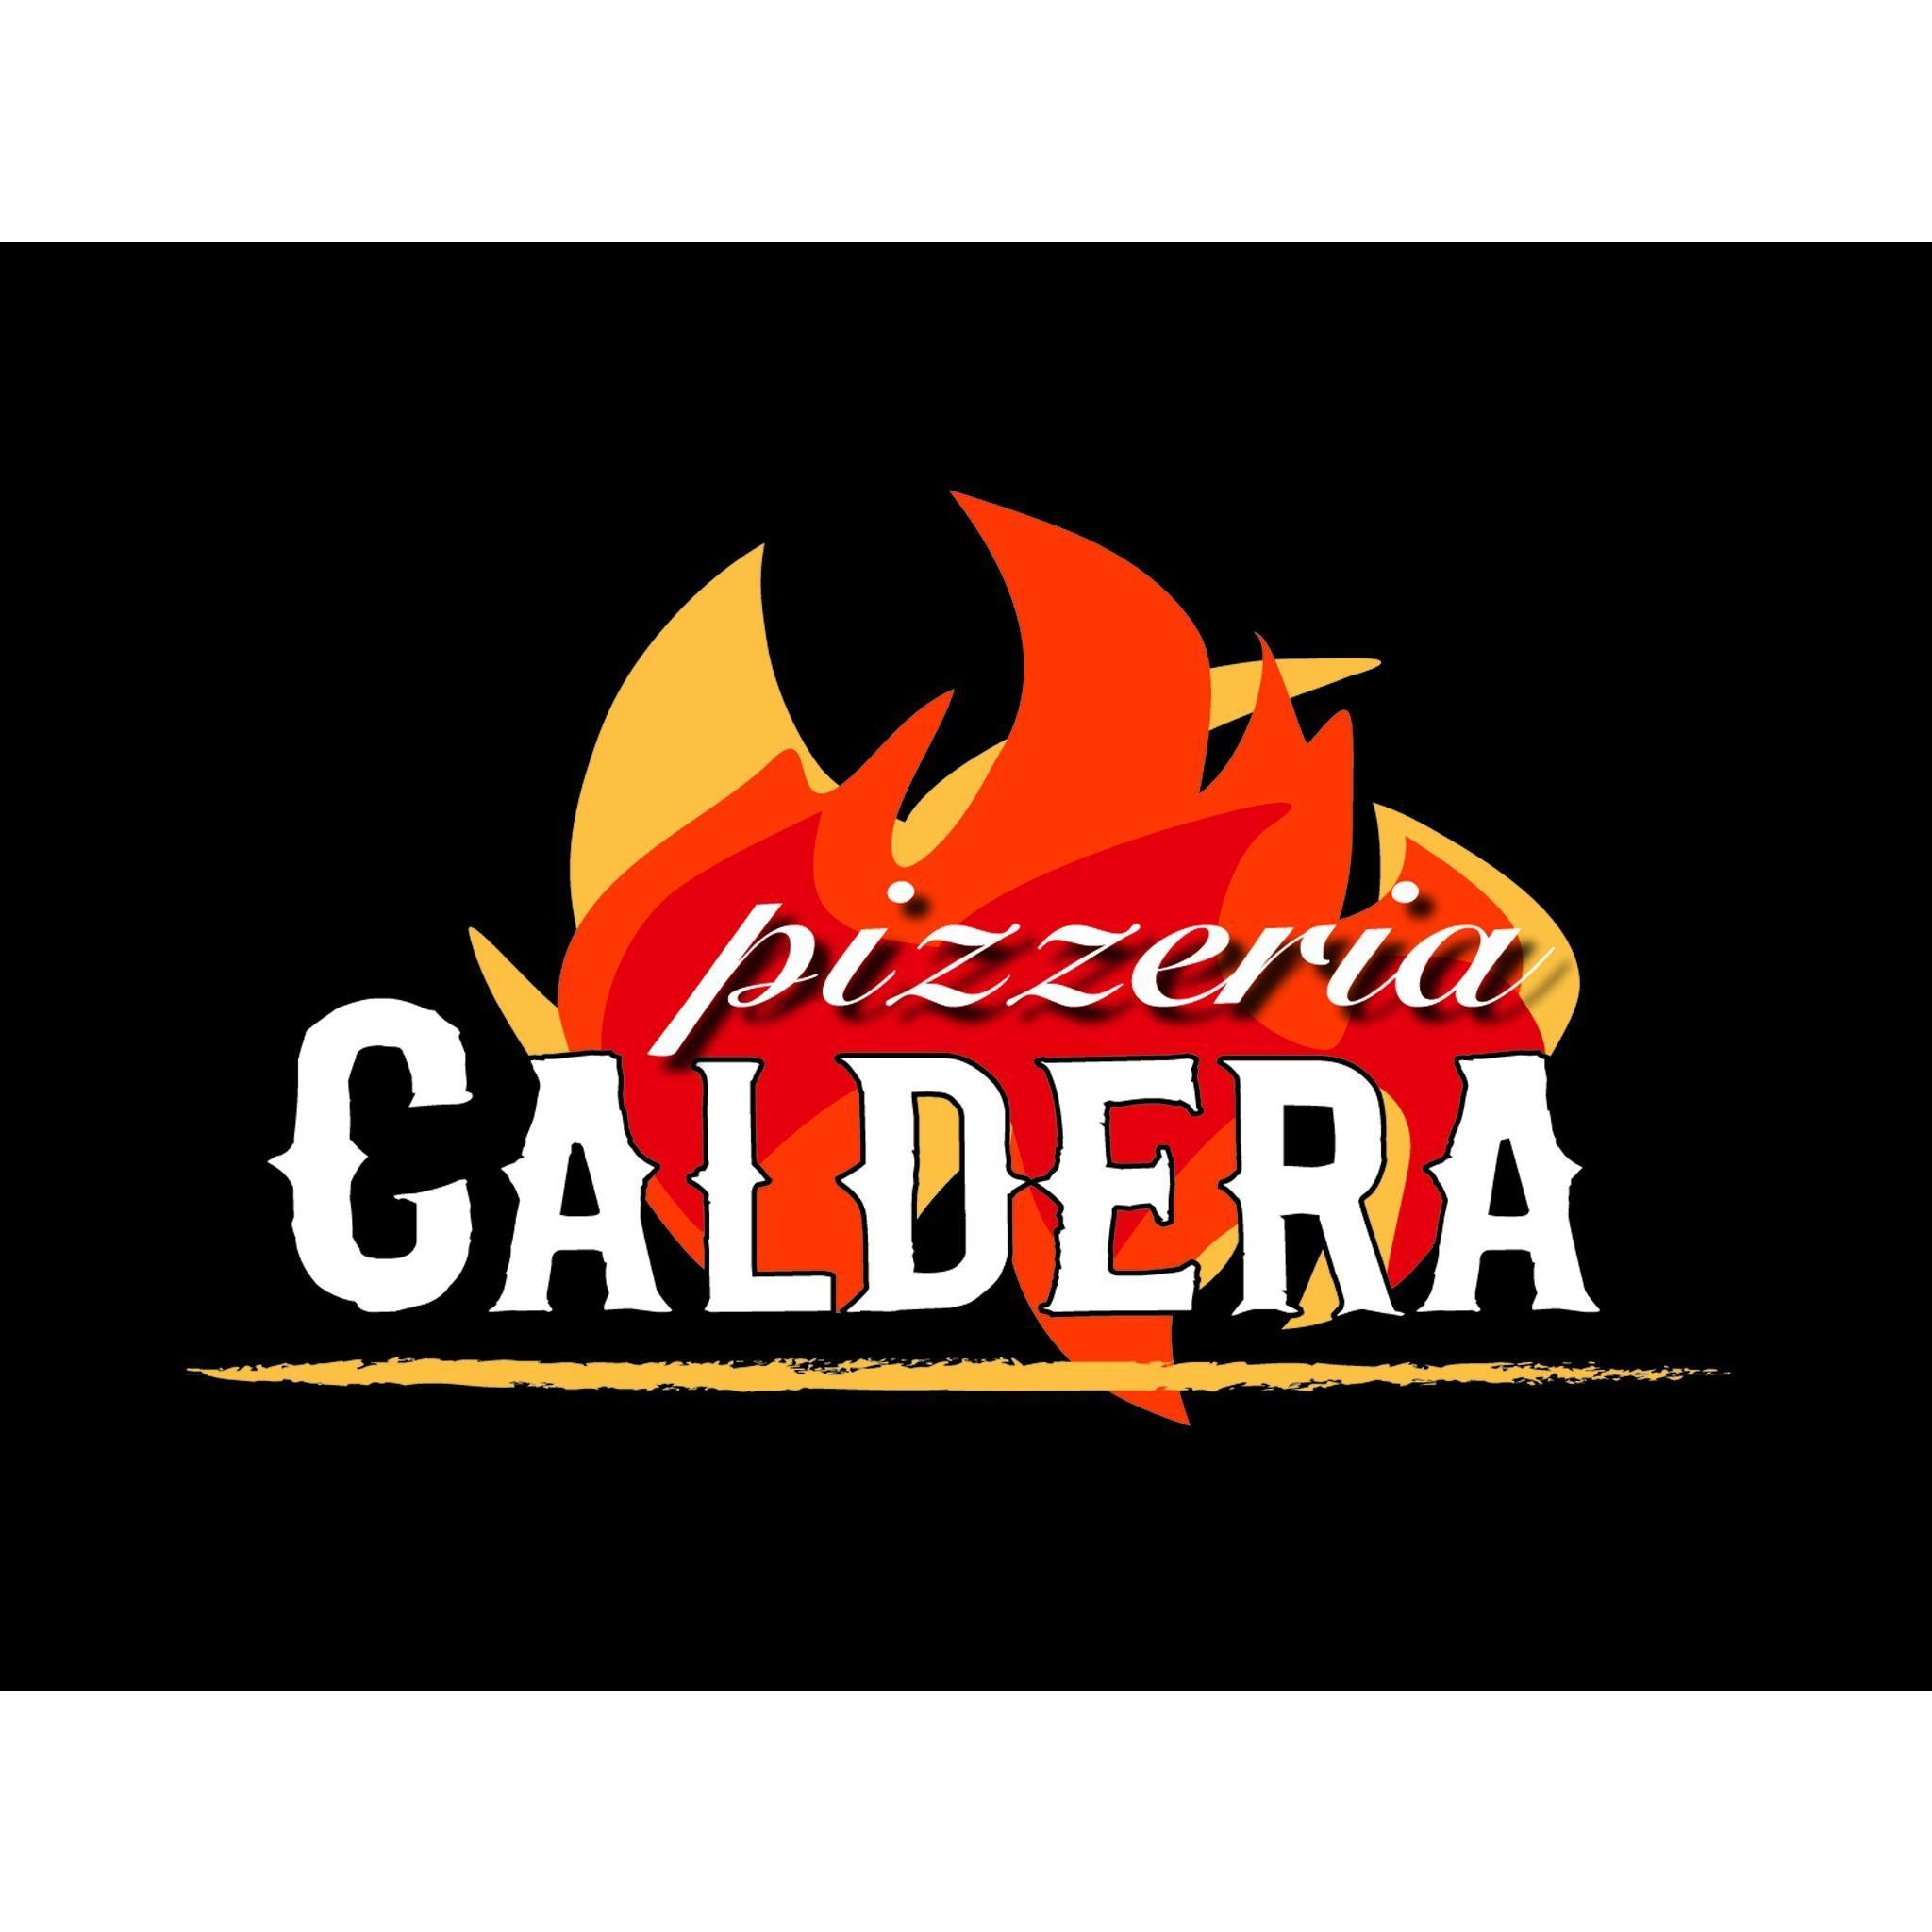 Pizzeria Caldera image 9